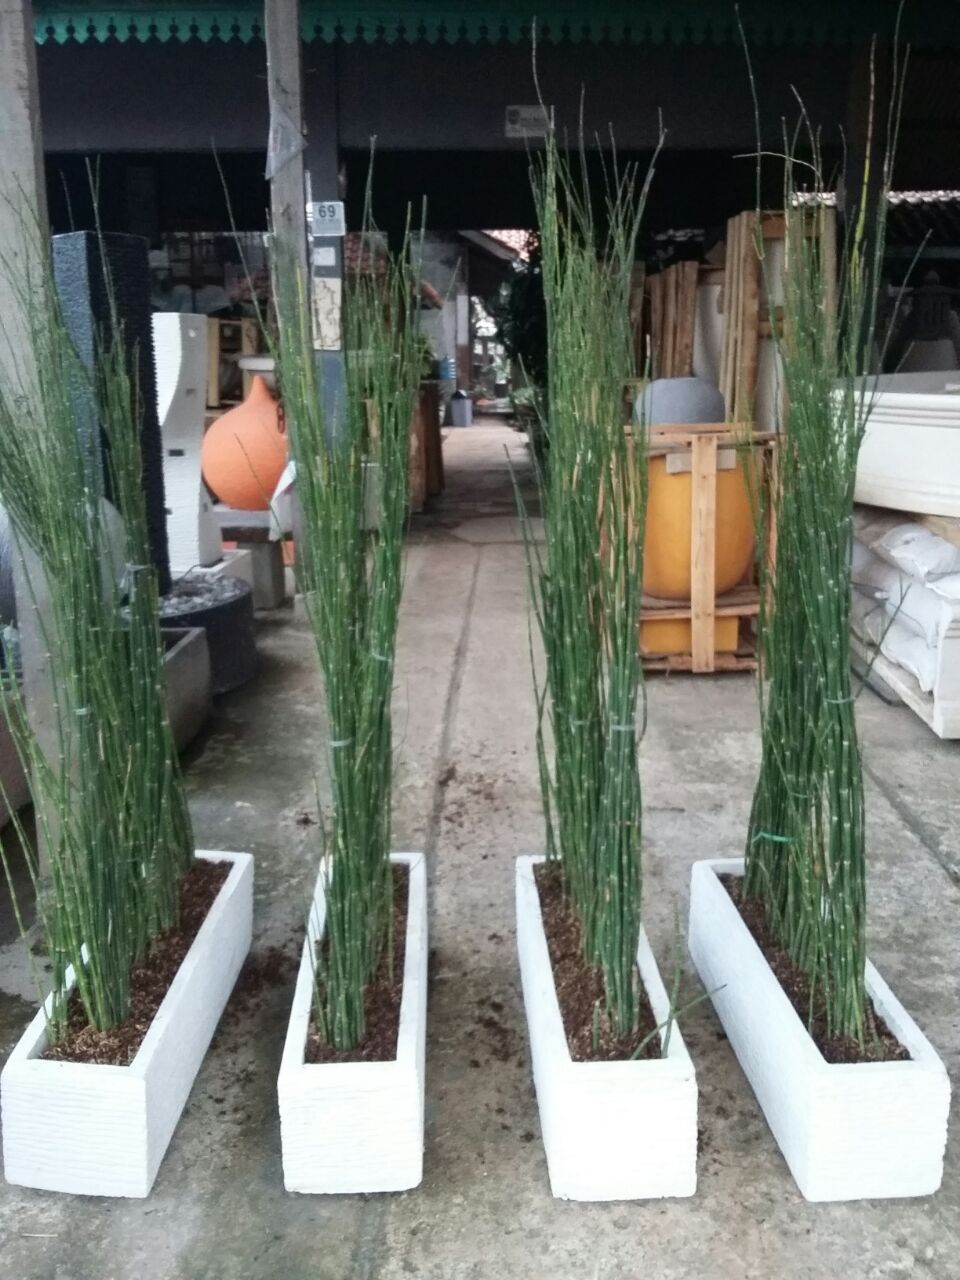 Pot Minimalis Panjang 75x20x20 Lengkap Dengan Tanaman Bambu